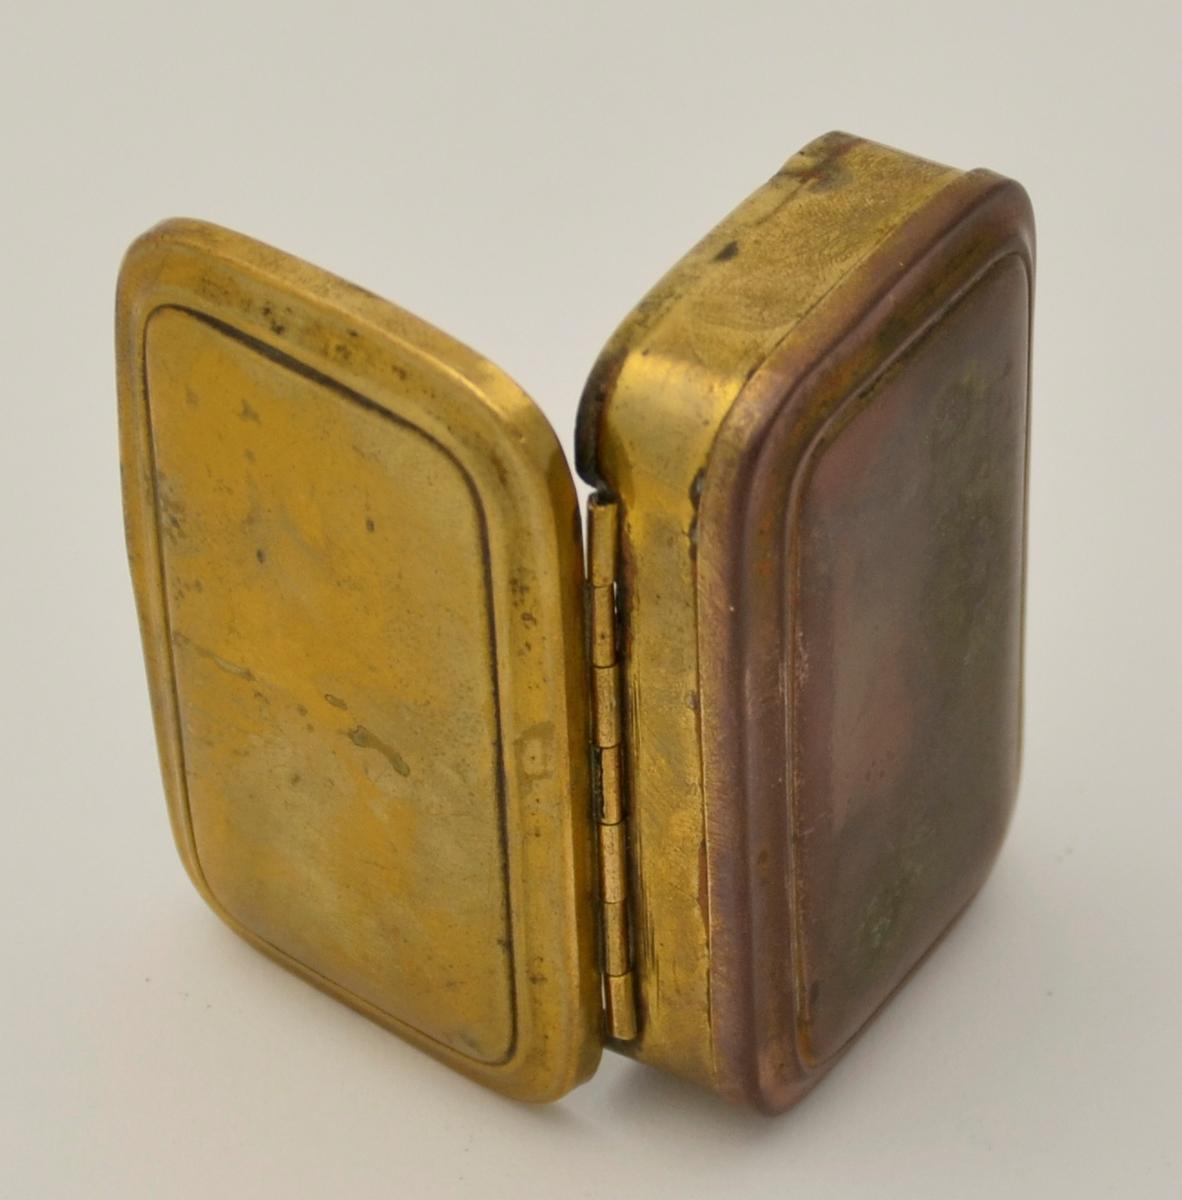 Tobakksdåse. Metall. Rektangelforma øskje med påhengsla lok på begge sider. Spegel under eine loket. Gulleg utanpå, utan eine sida som er raudleg. Sølvfarga inni.